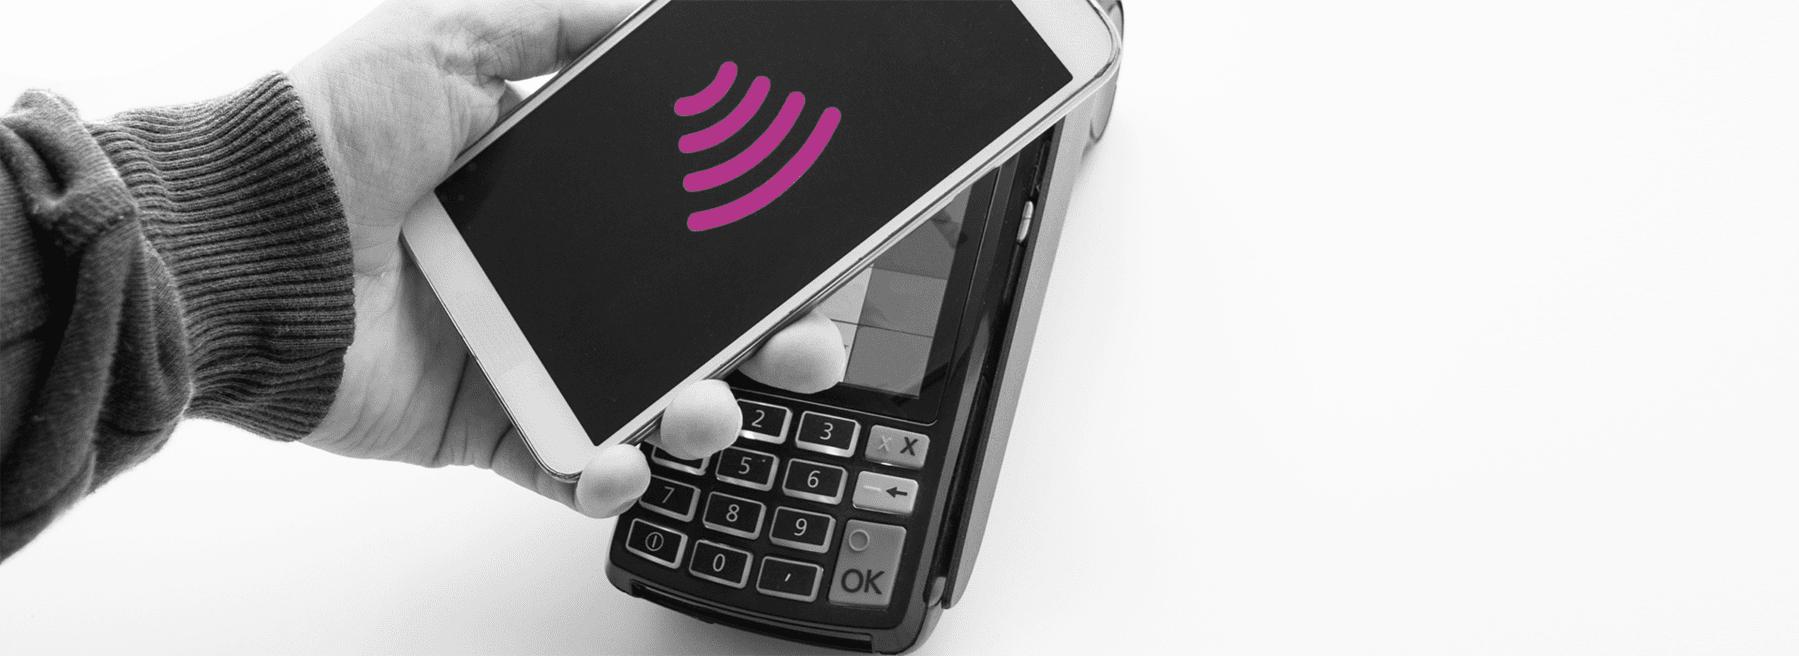 DADAT Blog - NFC - Chancen und Risiken